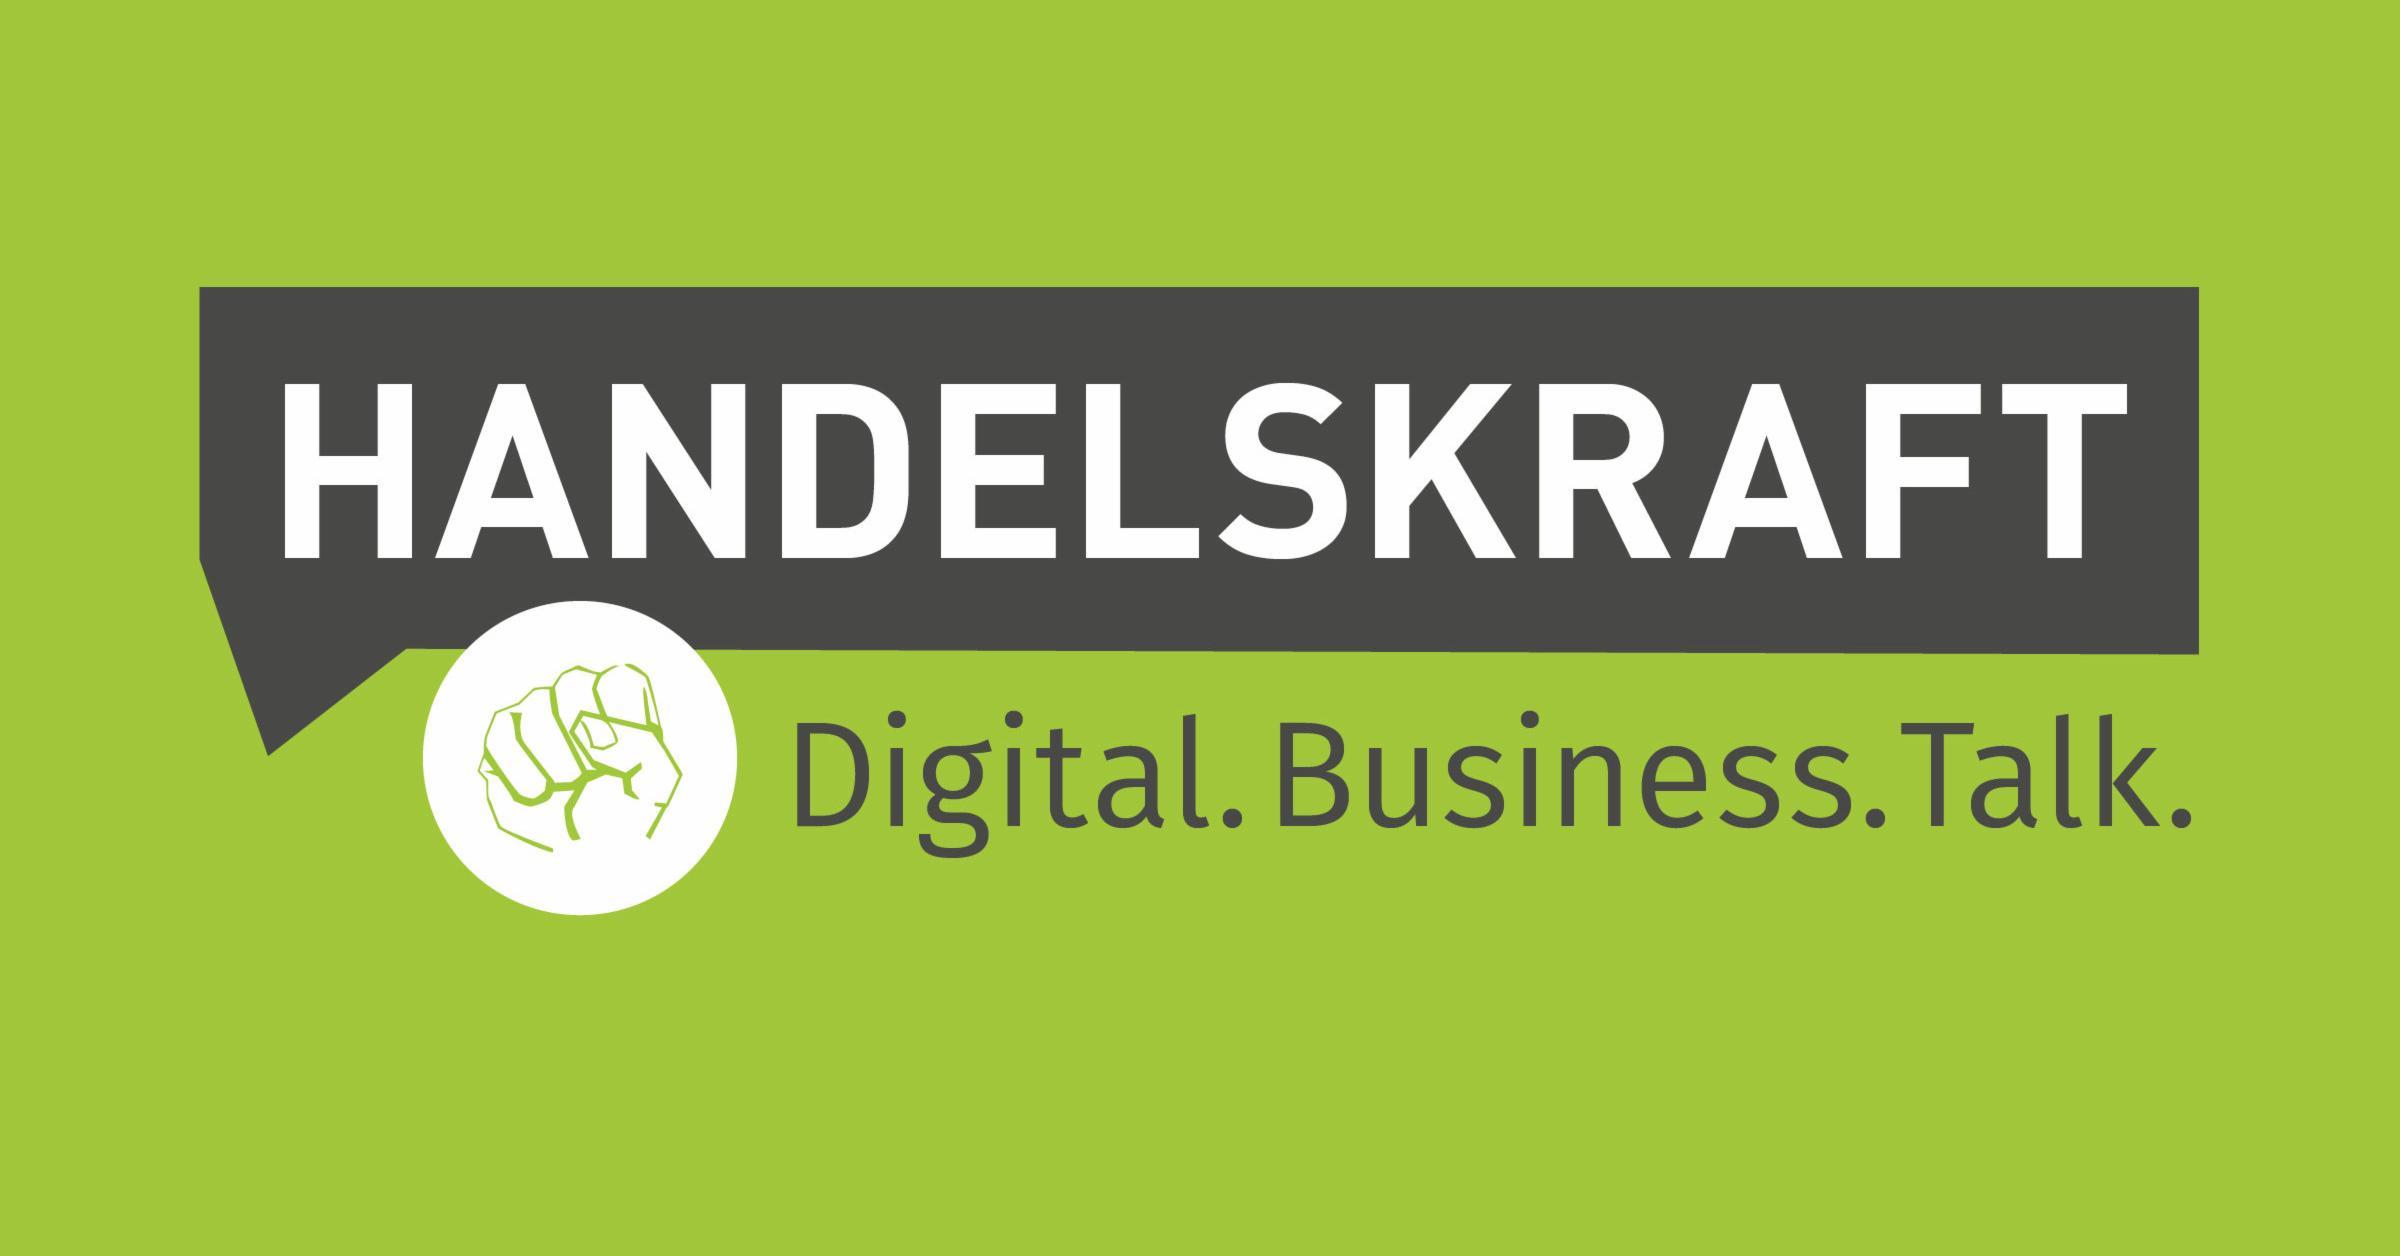 Handelskraft sehen und hören: Digital. Business. Talk. Premiere mit Roman Zenner